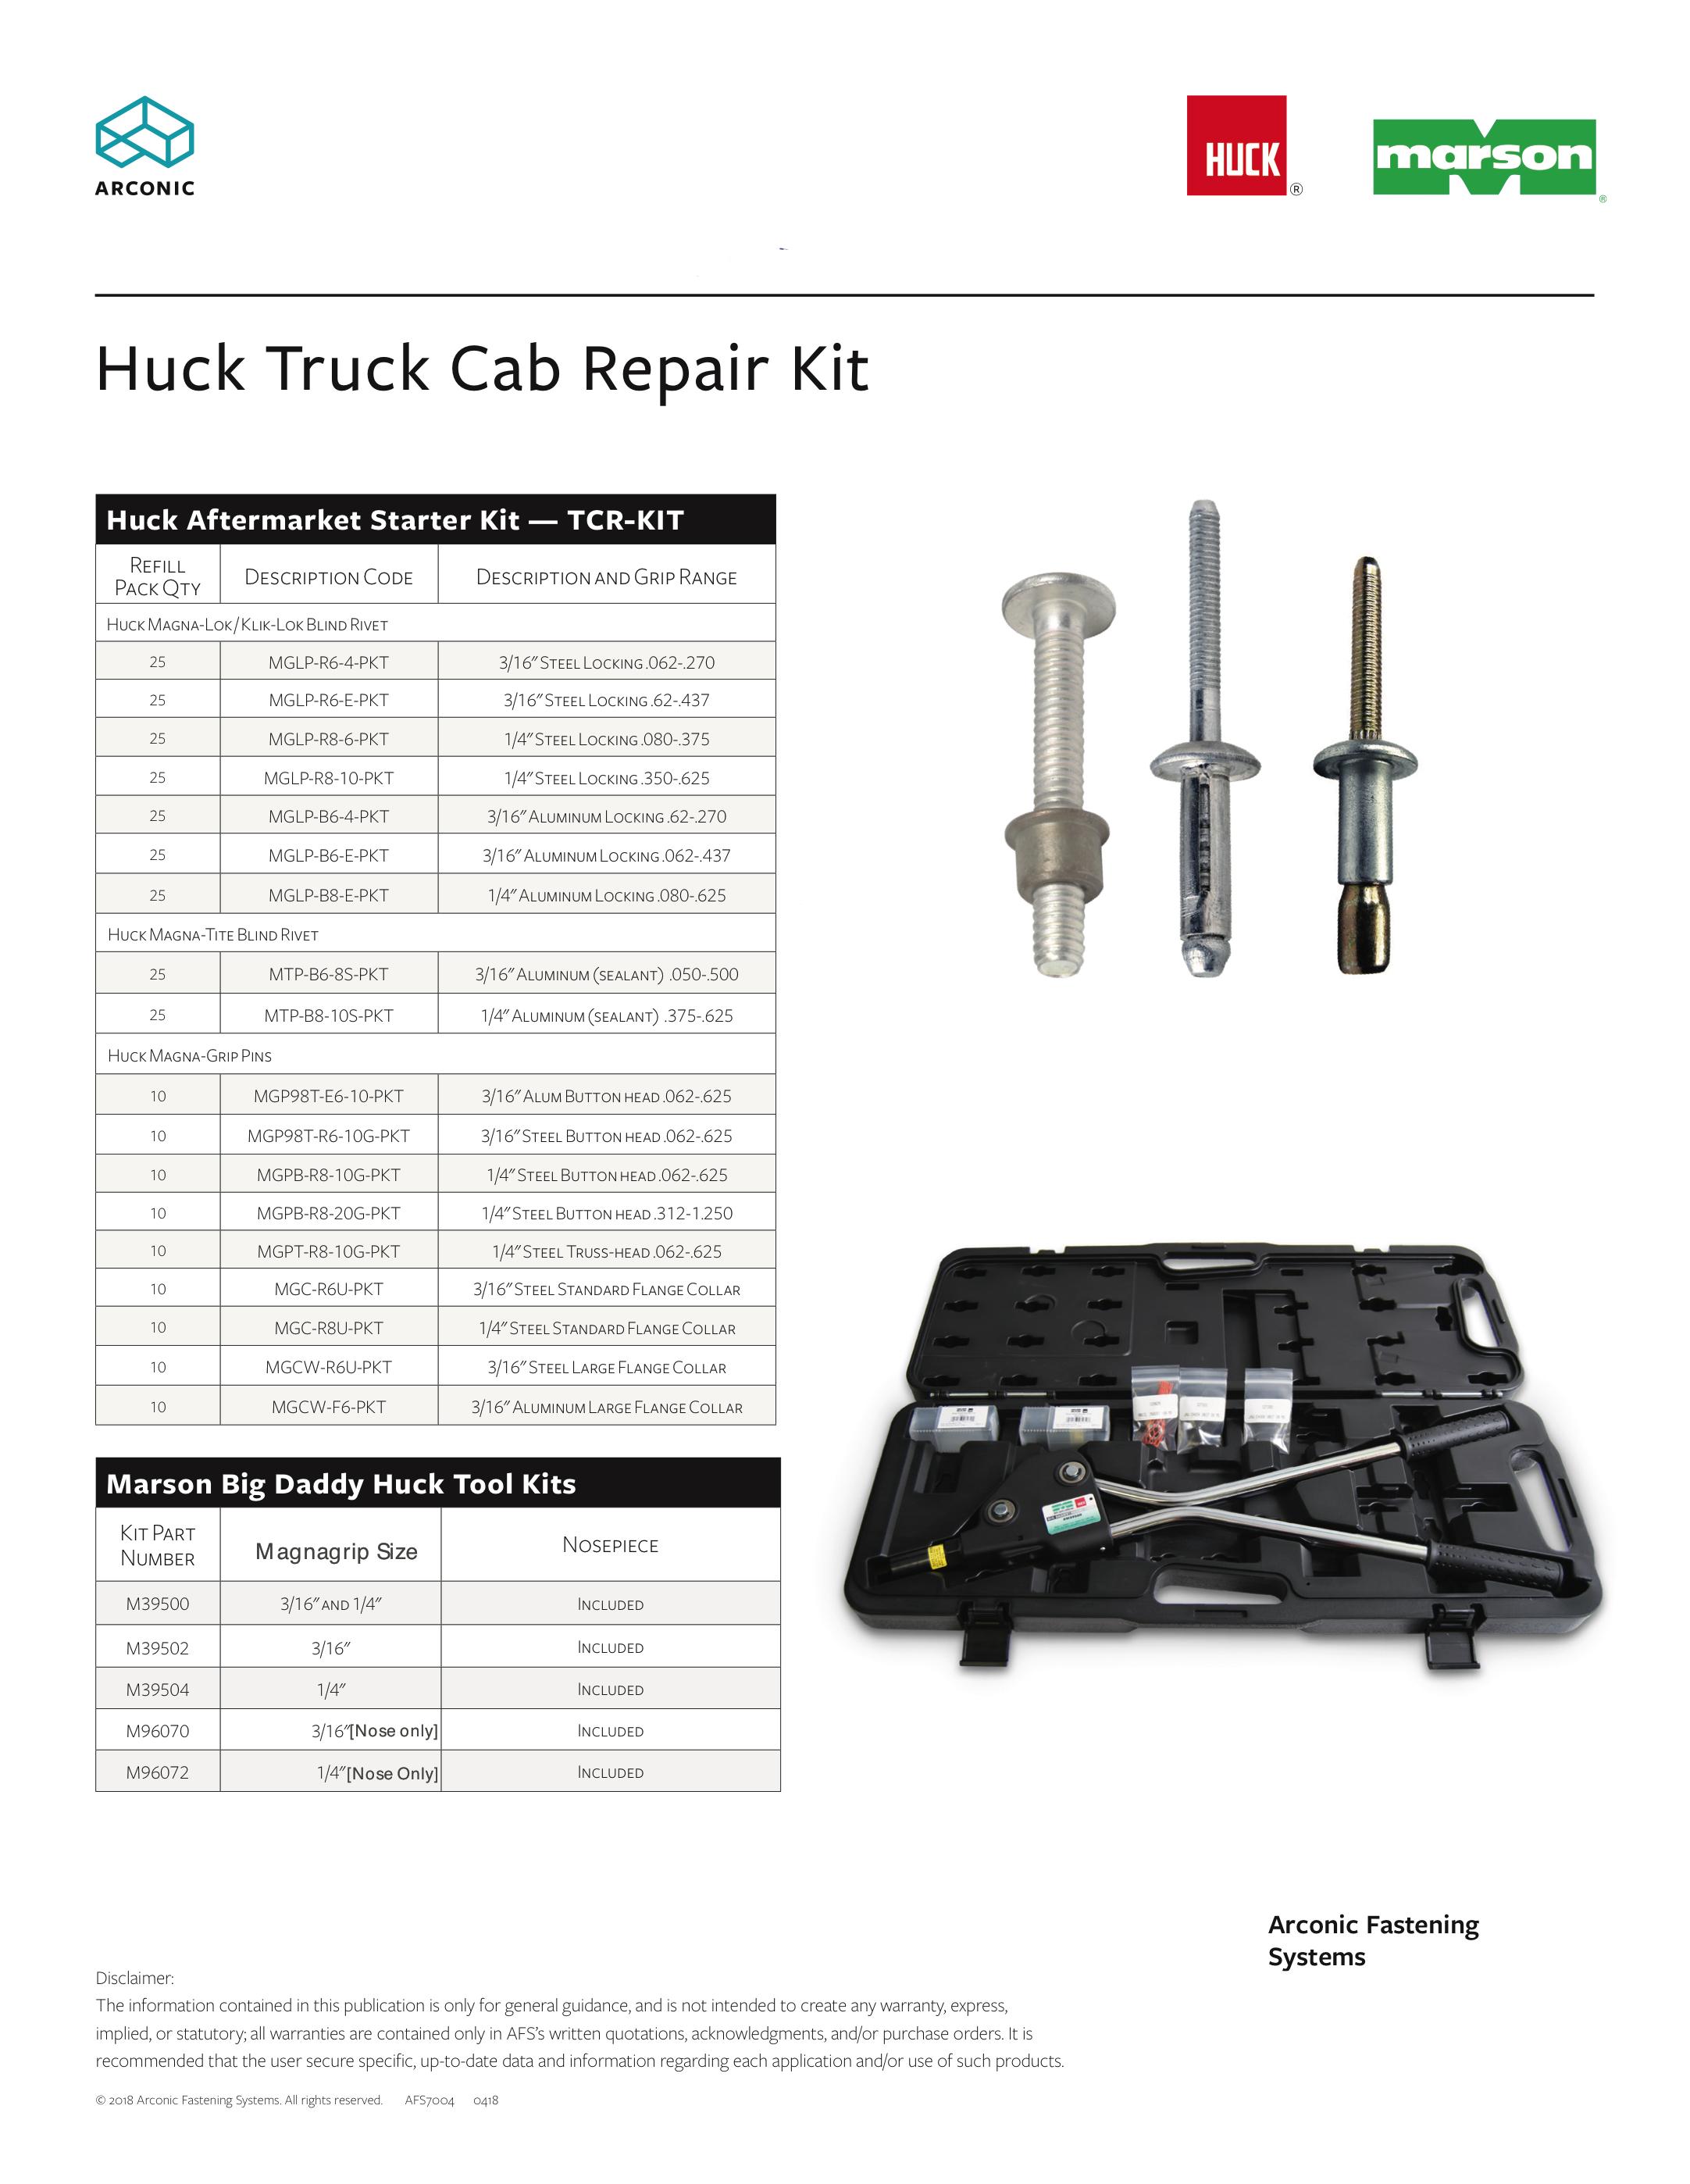 huck 2025 rivet tool manual